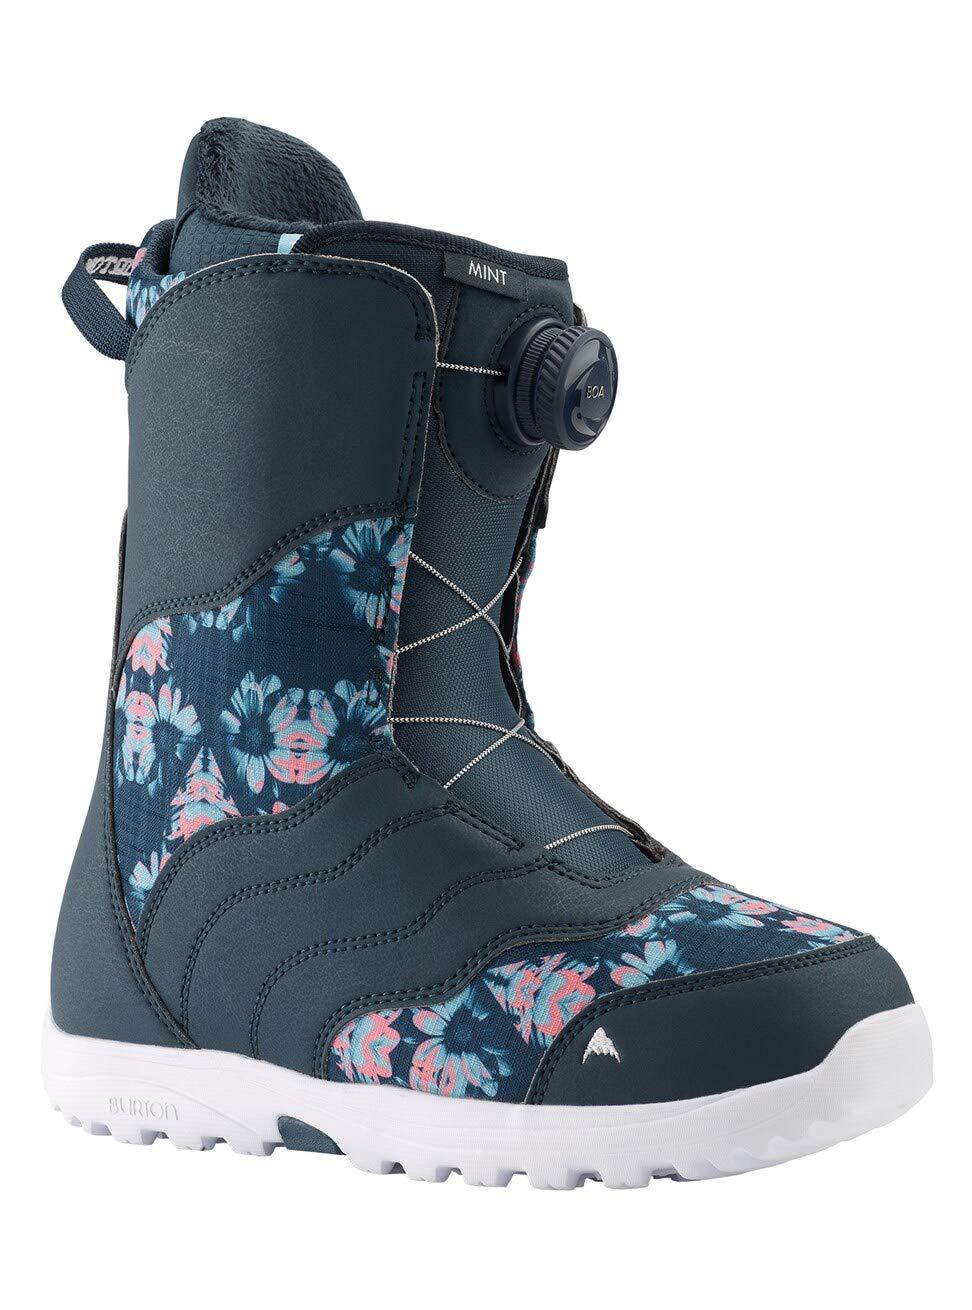 Burton Women's Mint Boa Snowboard Boots, Midnite Blue/Multi, 9.0